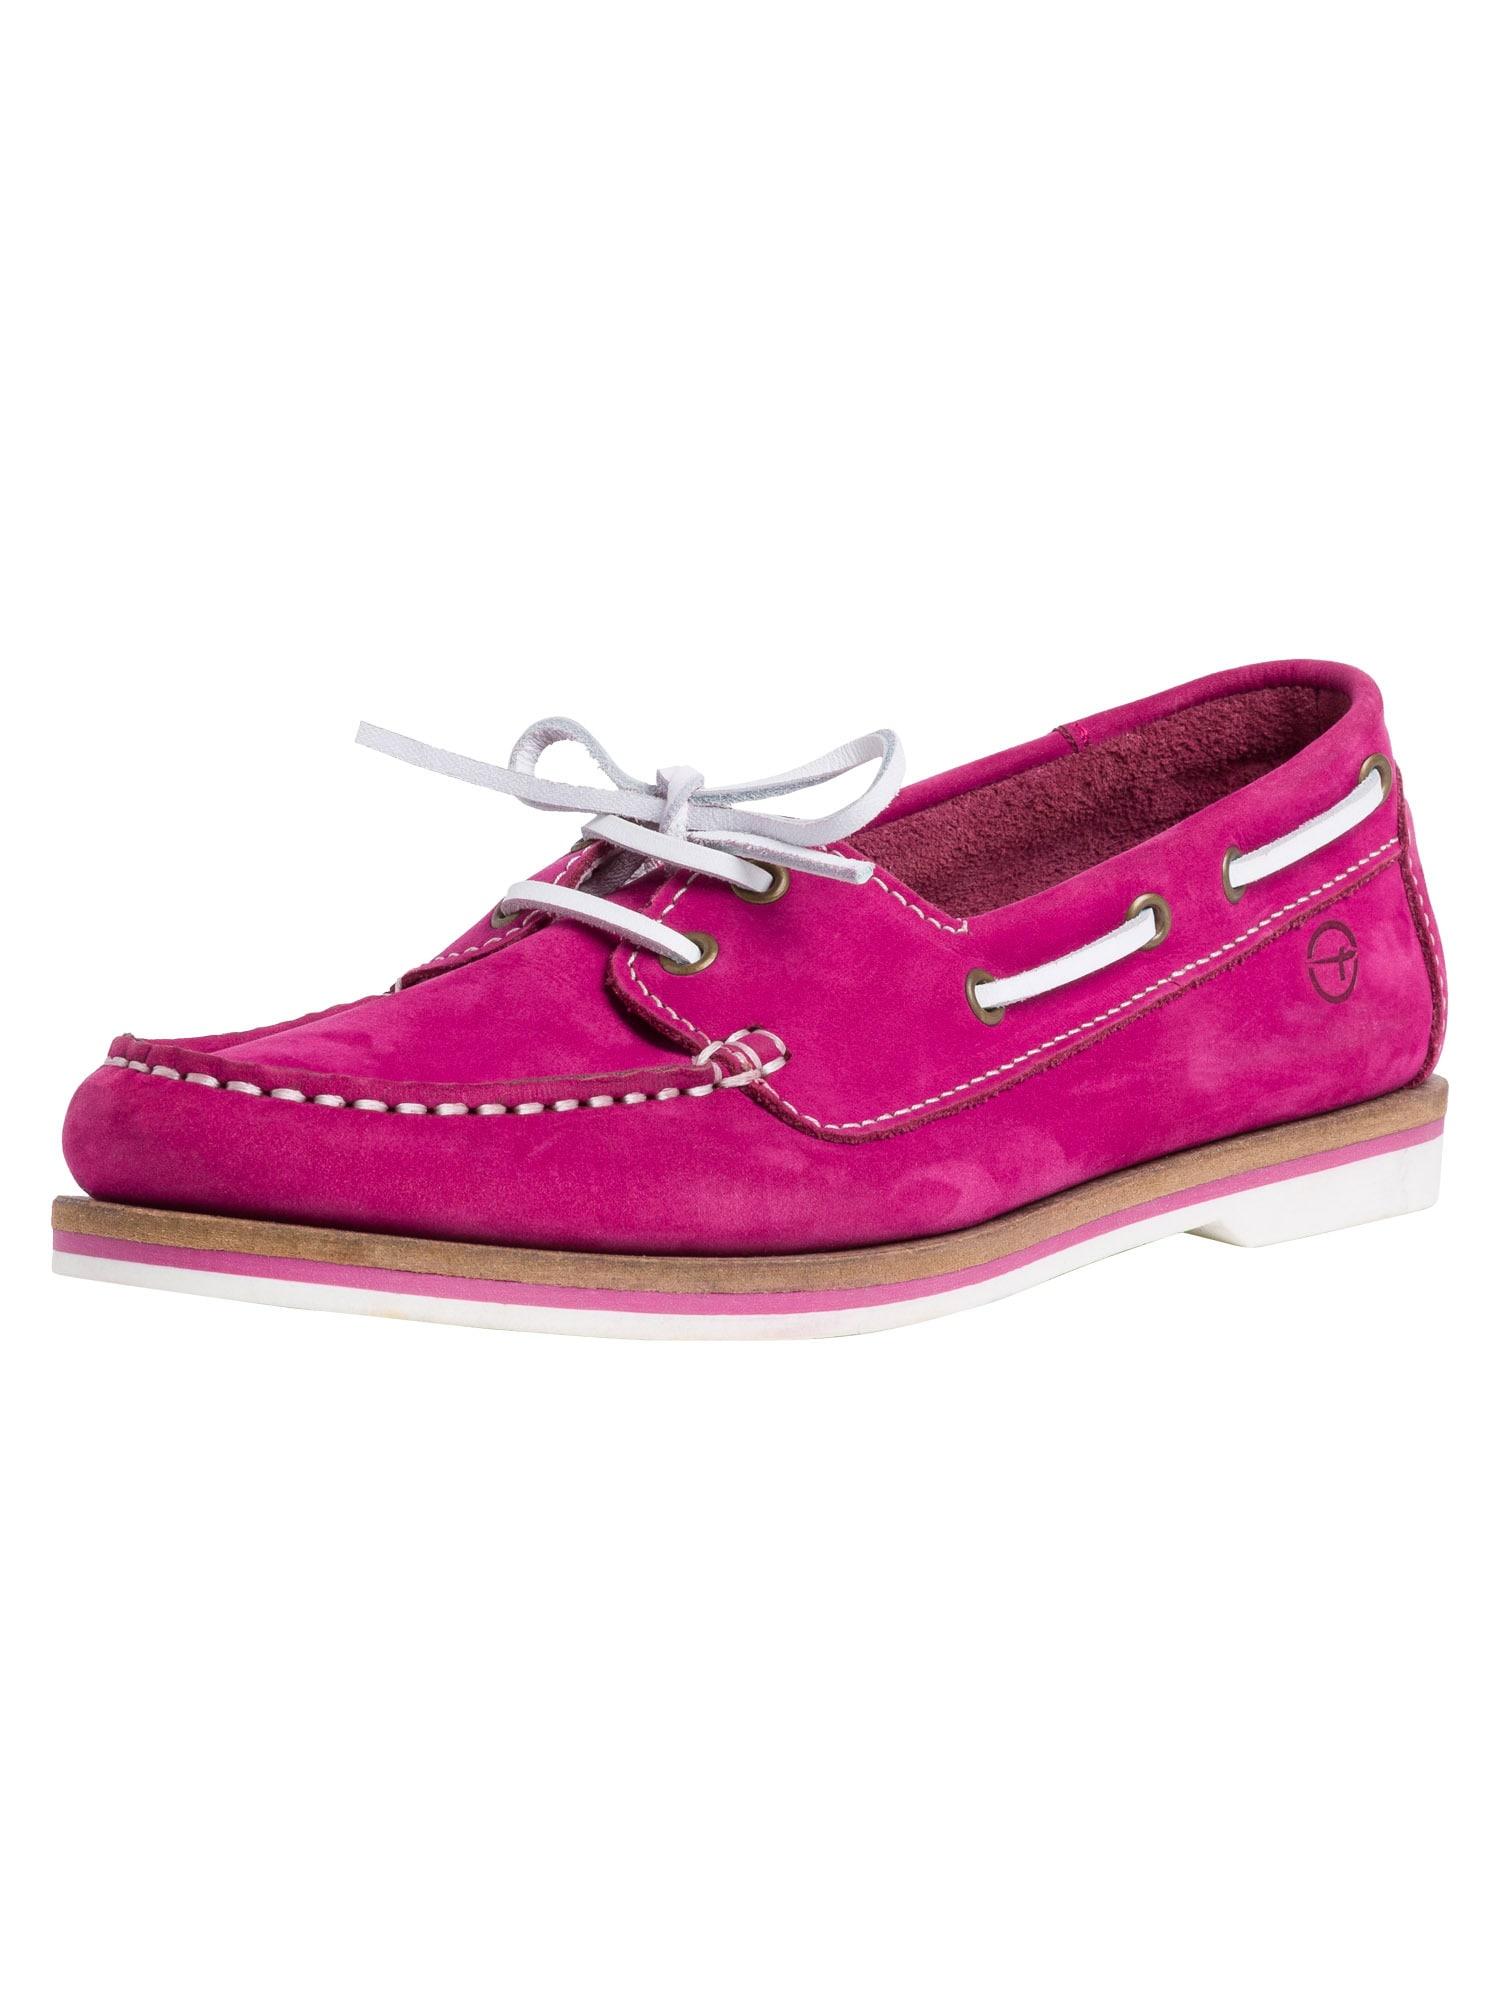 Bootsschuh | Schuhe > Bootsschuhe | tamaris